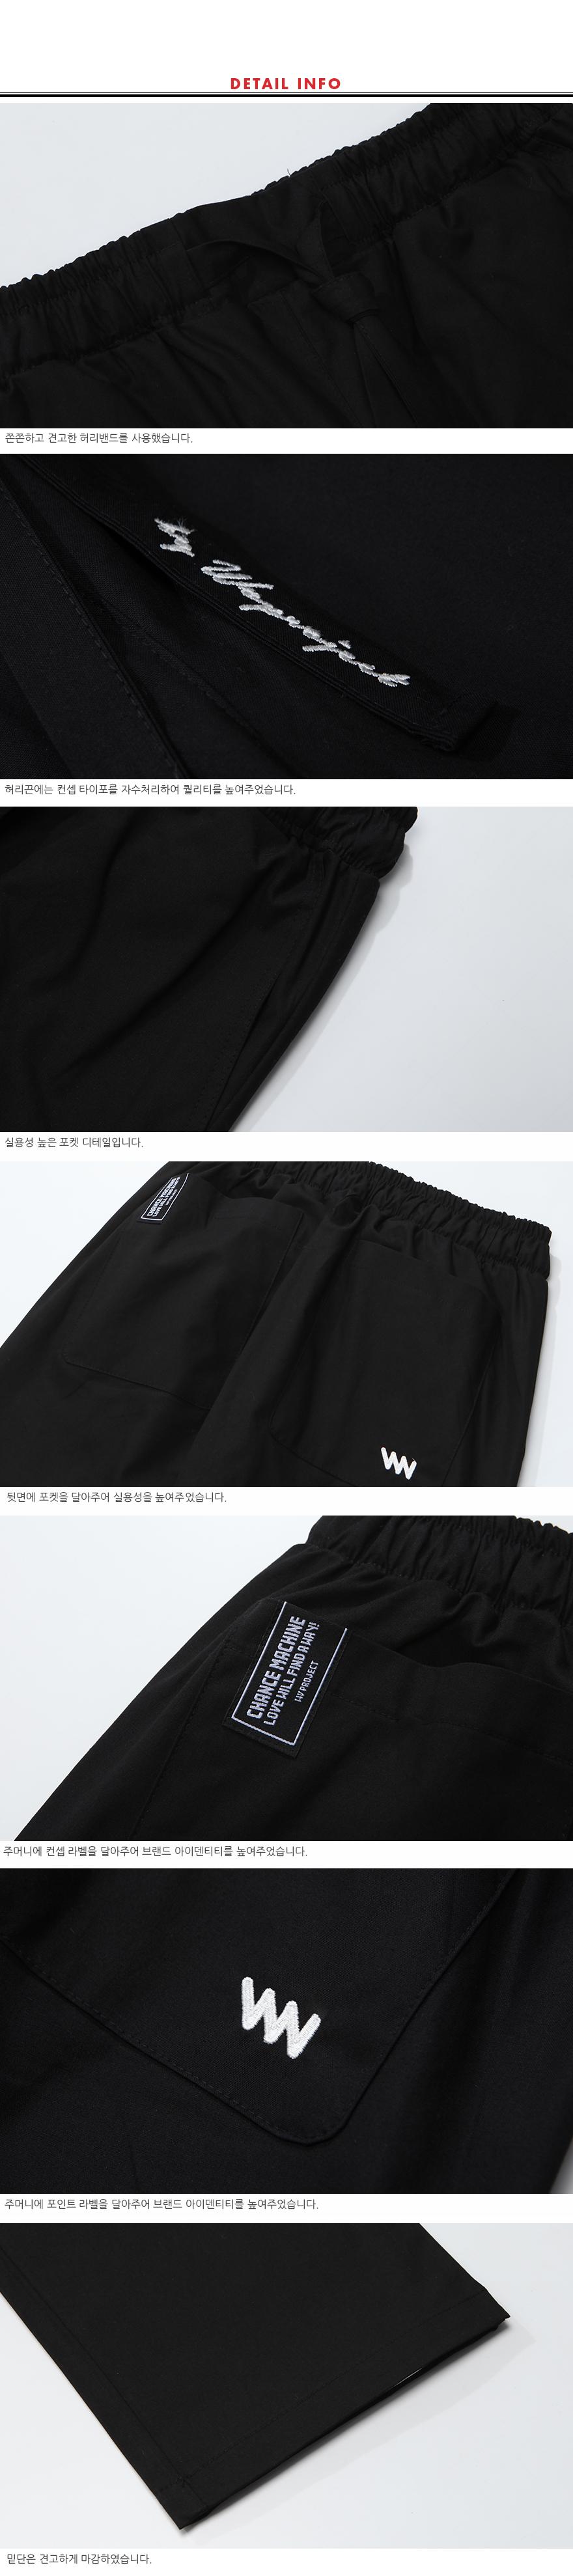 더블유브이프로젝트(WV PROJECT) [기획특가] 앤디 와이드팬츠 블랙 MJLP7258